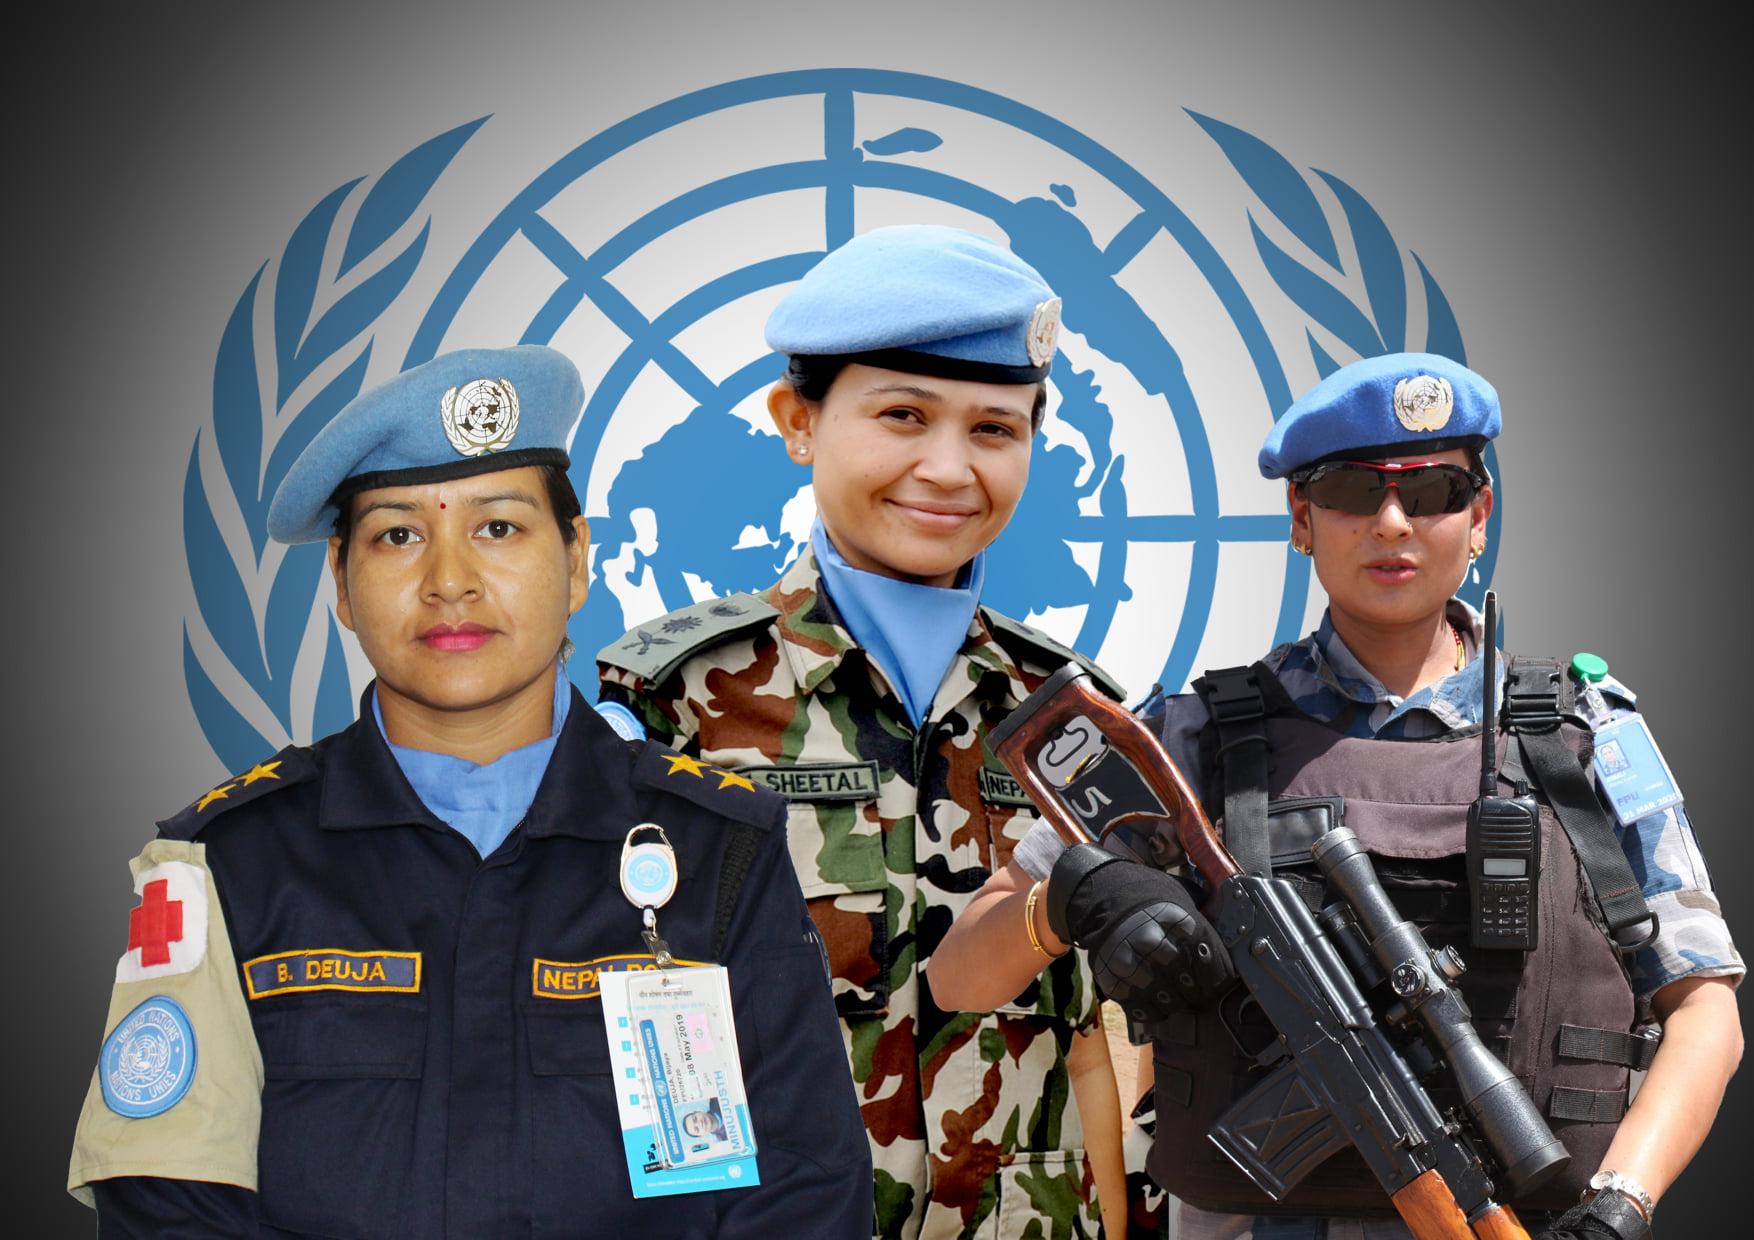 शान्ति सेनामा योगदान दिने मुलुकको सूचीमा नेपाल तेस्रो स्थानमा